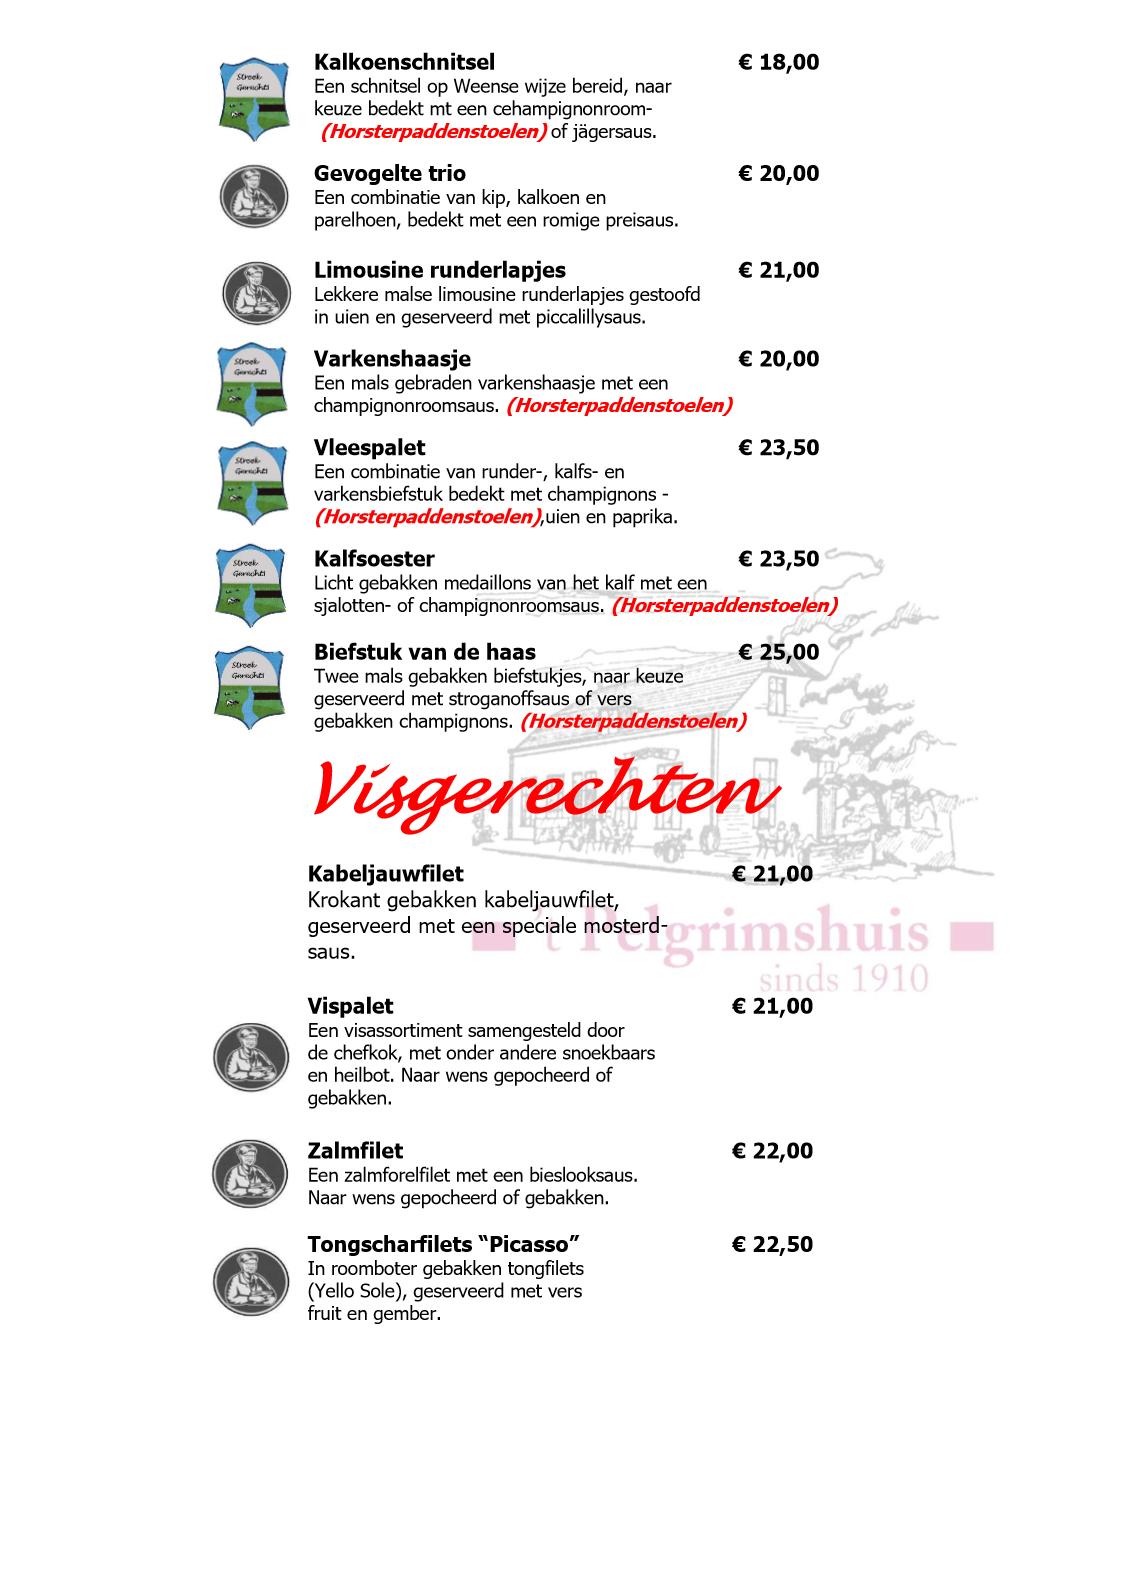 A la Carte Hoofdgerechten & Visgerechten websiteversie 2017